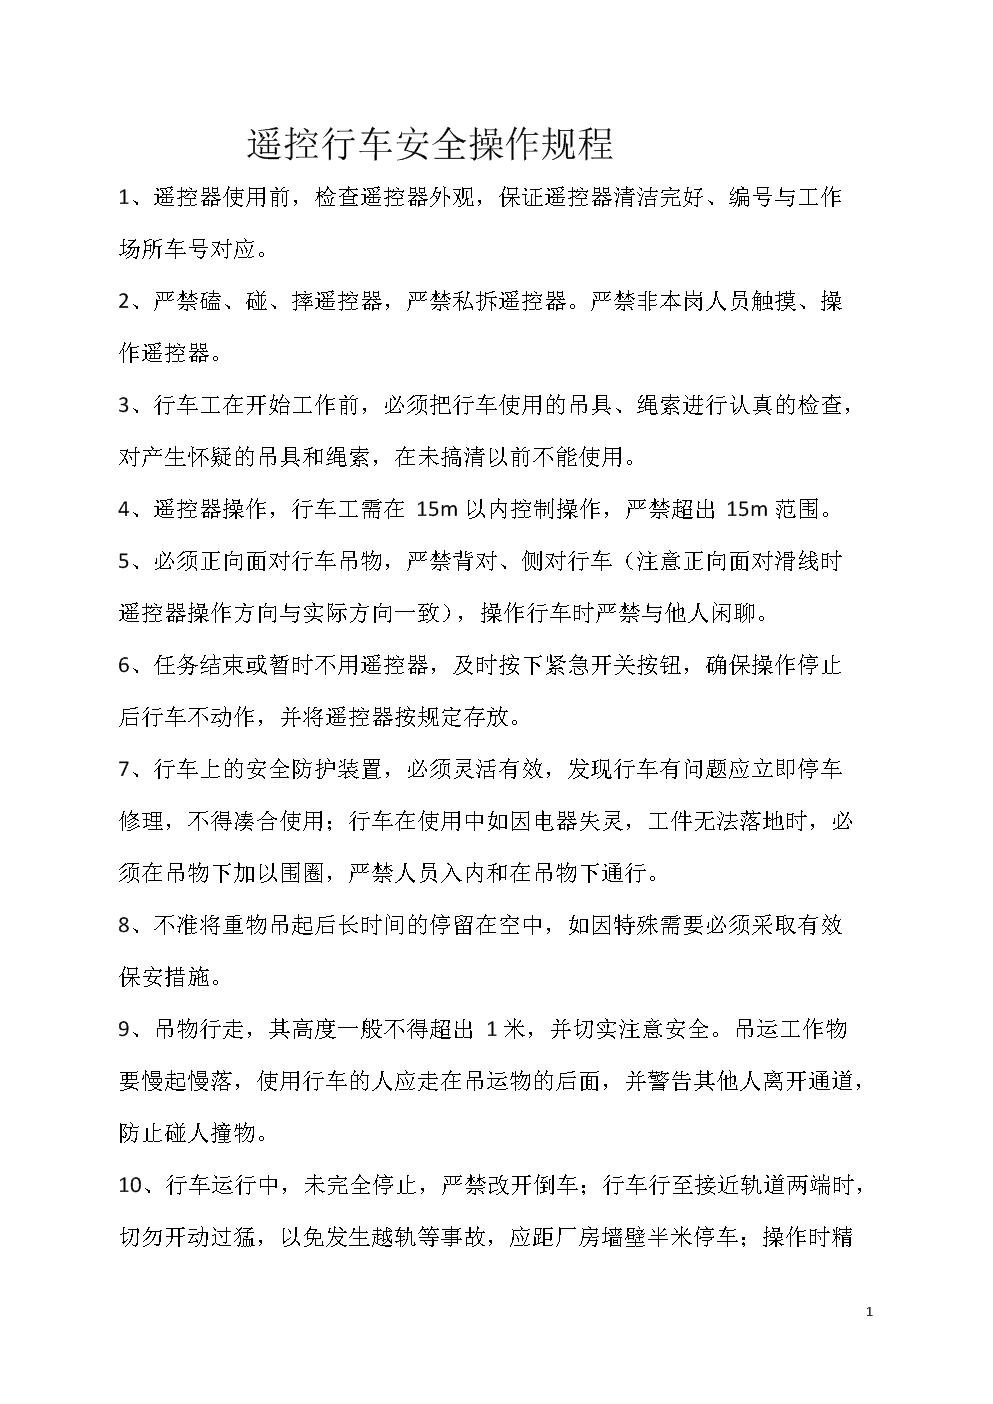 遥控行车安全操作规程[执行版].doc